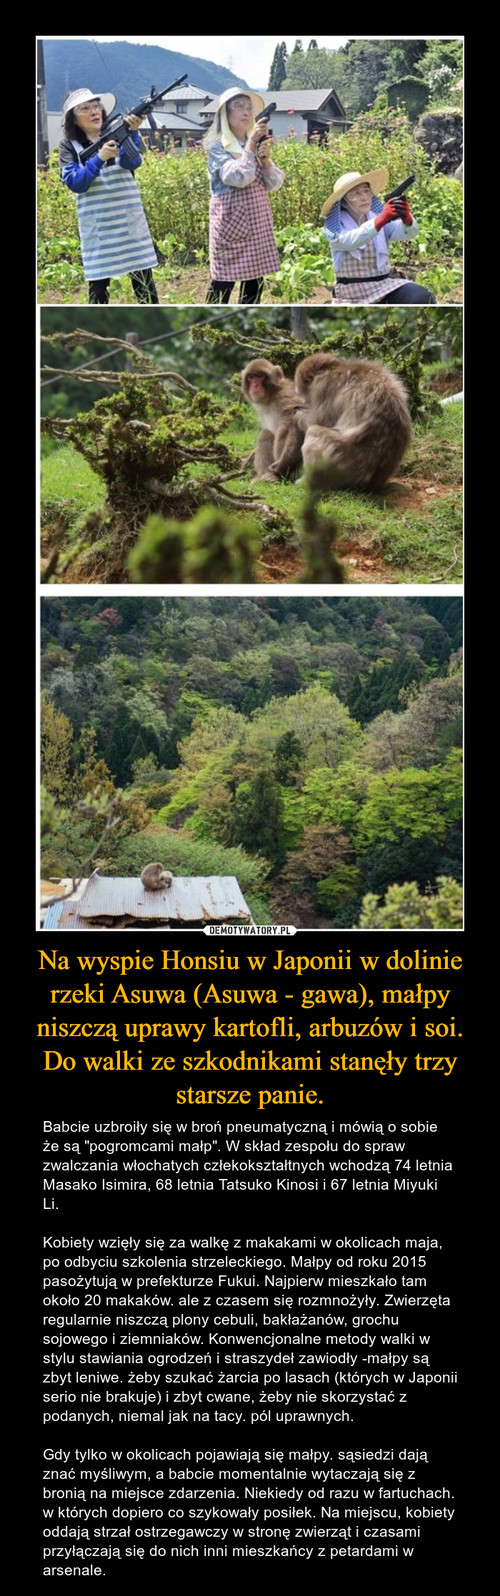 Na wyspie Honsiu w Japonii w dolinie rzeki Asuwa (Asuwa - gawa), małpy niszczą uprawy kartofli, arbuzów i soi. Do walki ze szkodnikami stanęły trzy starsze panie.